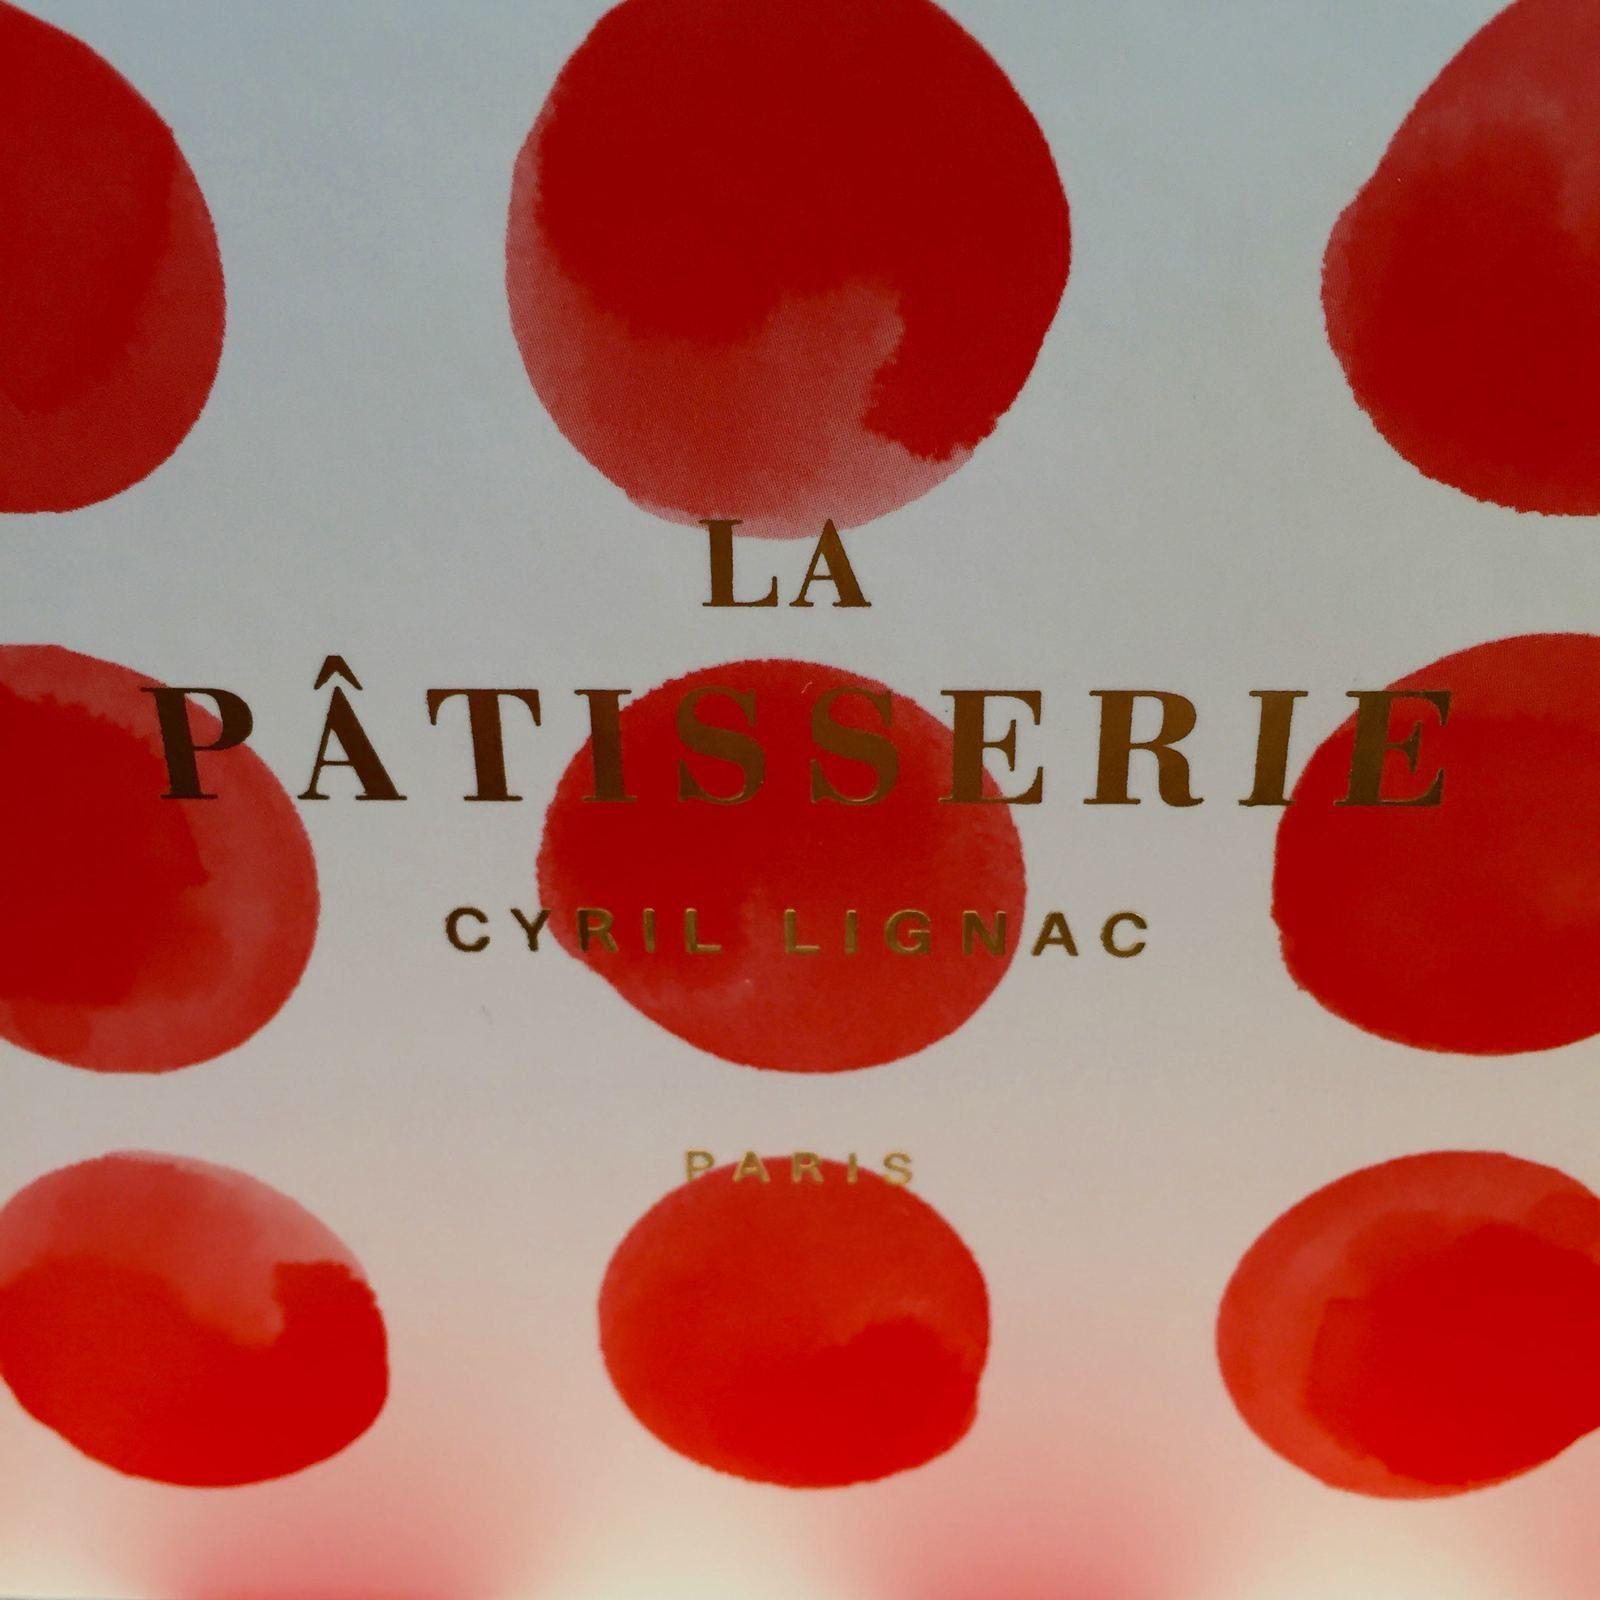 Lifting pour la Pâtisserie Cyril Lignac